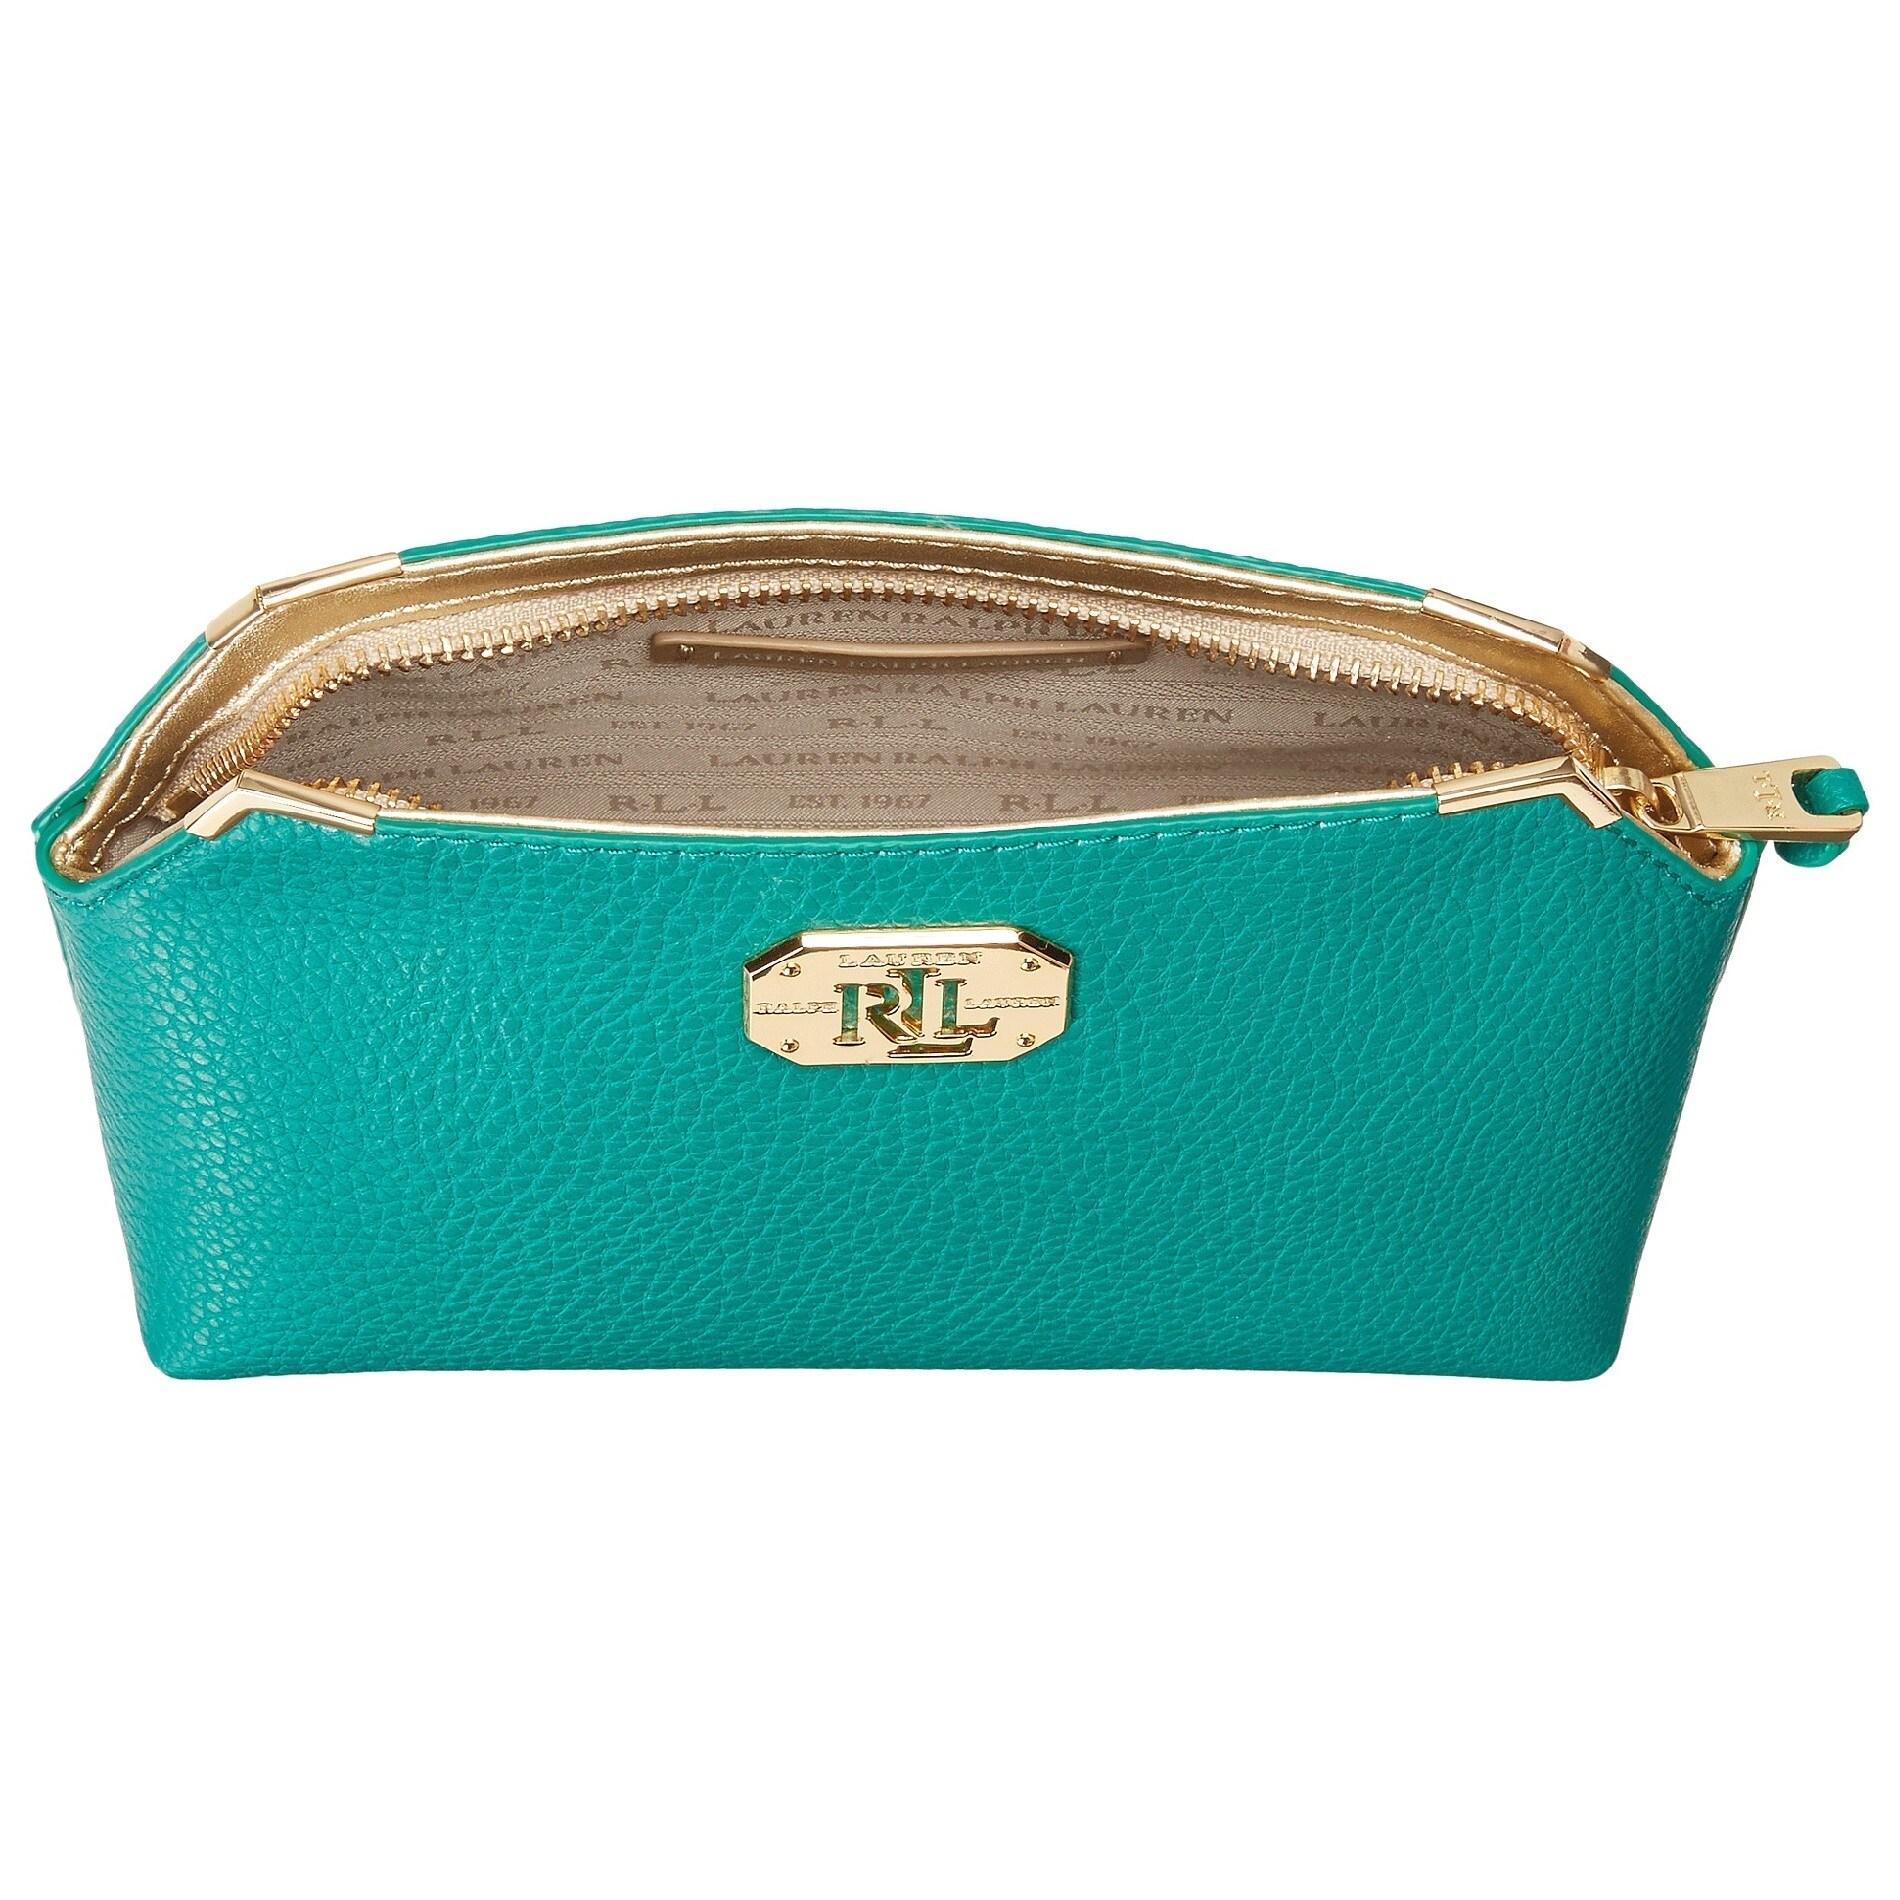 5c26c503ef4d Shop Ralph Lauren Acadia Cosmetic Bag - Free Shipping Today - Overstock -  11629051